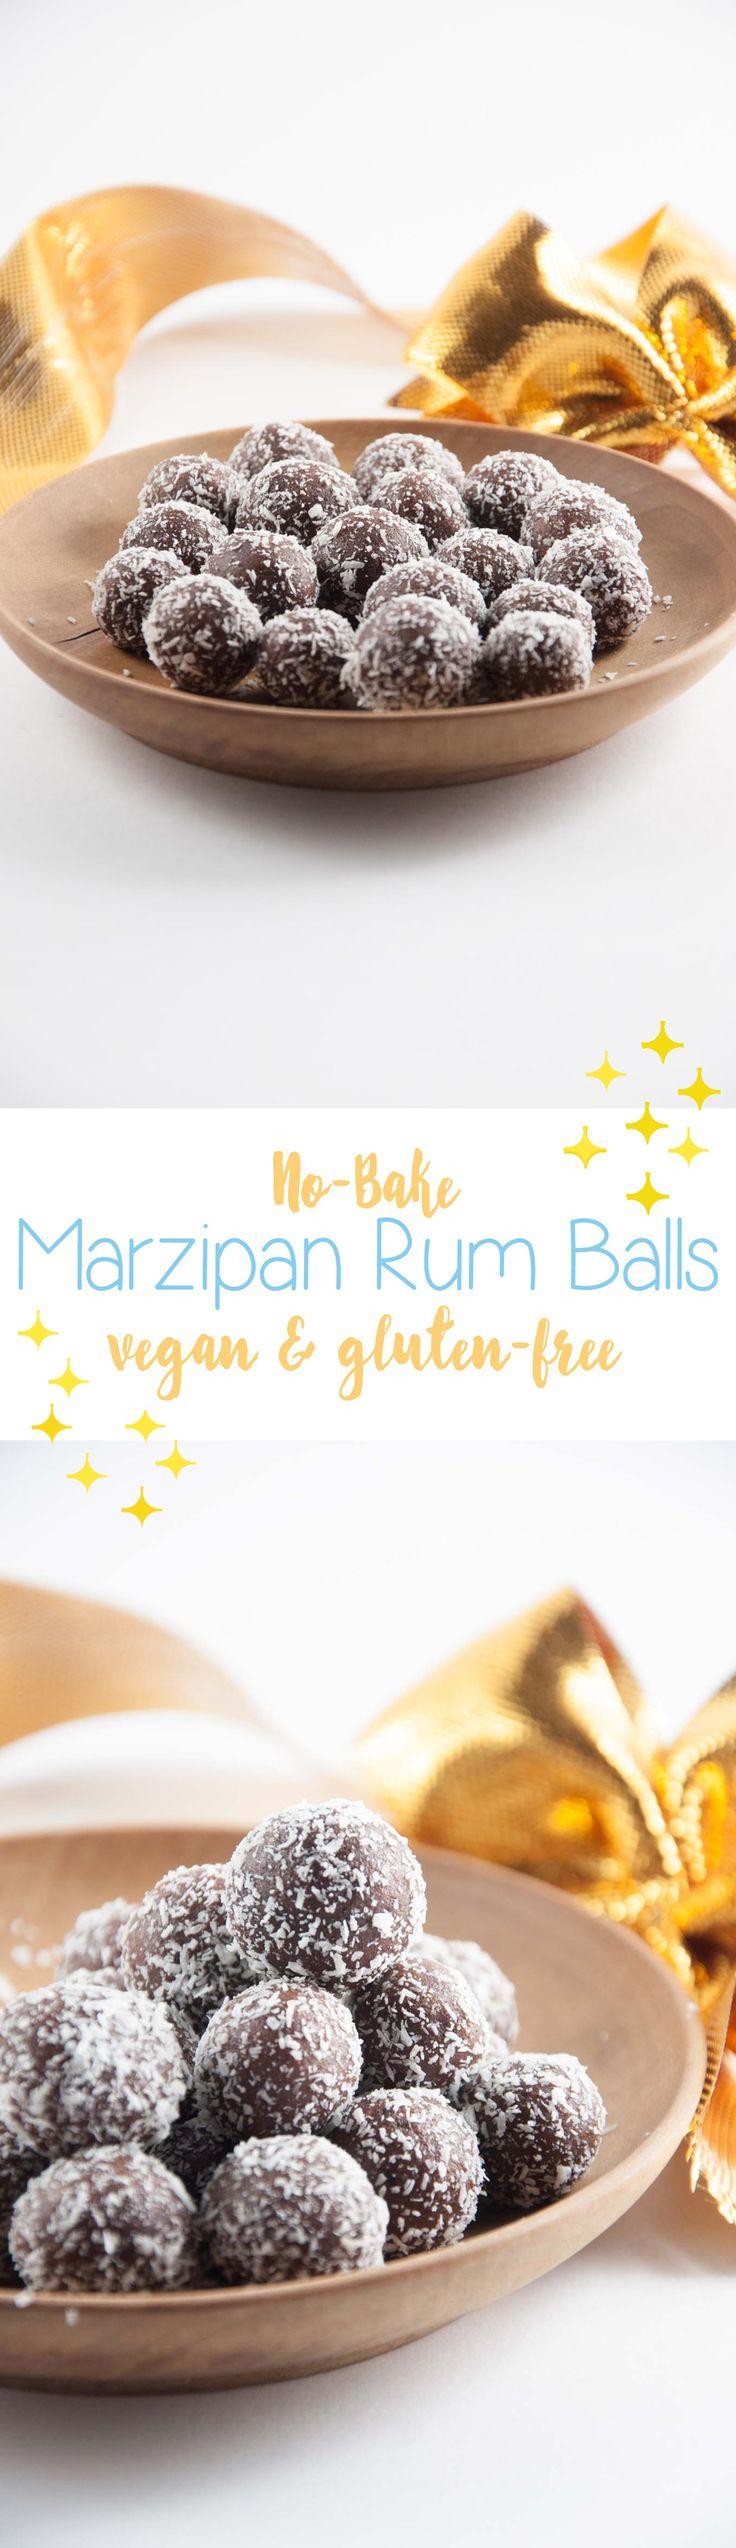 No-Bake Marzipan Rum Balls | ElephantasticVegan.com                                                                                                                                                                                 More